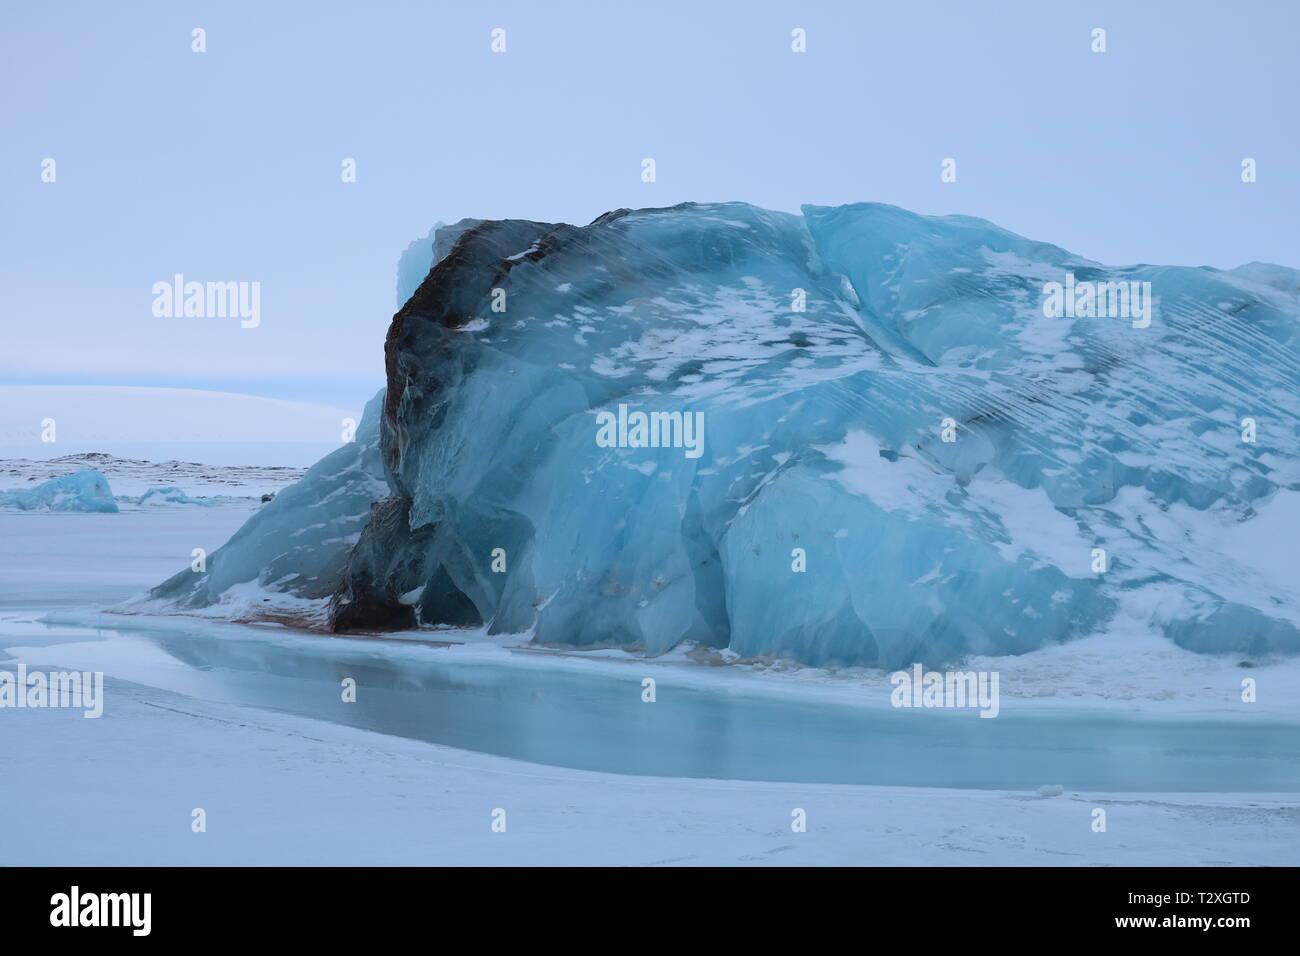 Un iceberg piégés dans la glace de mer sur la côte ouest du Svalbard Photo Stock